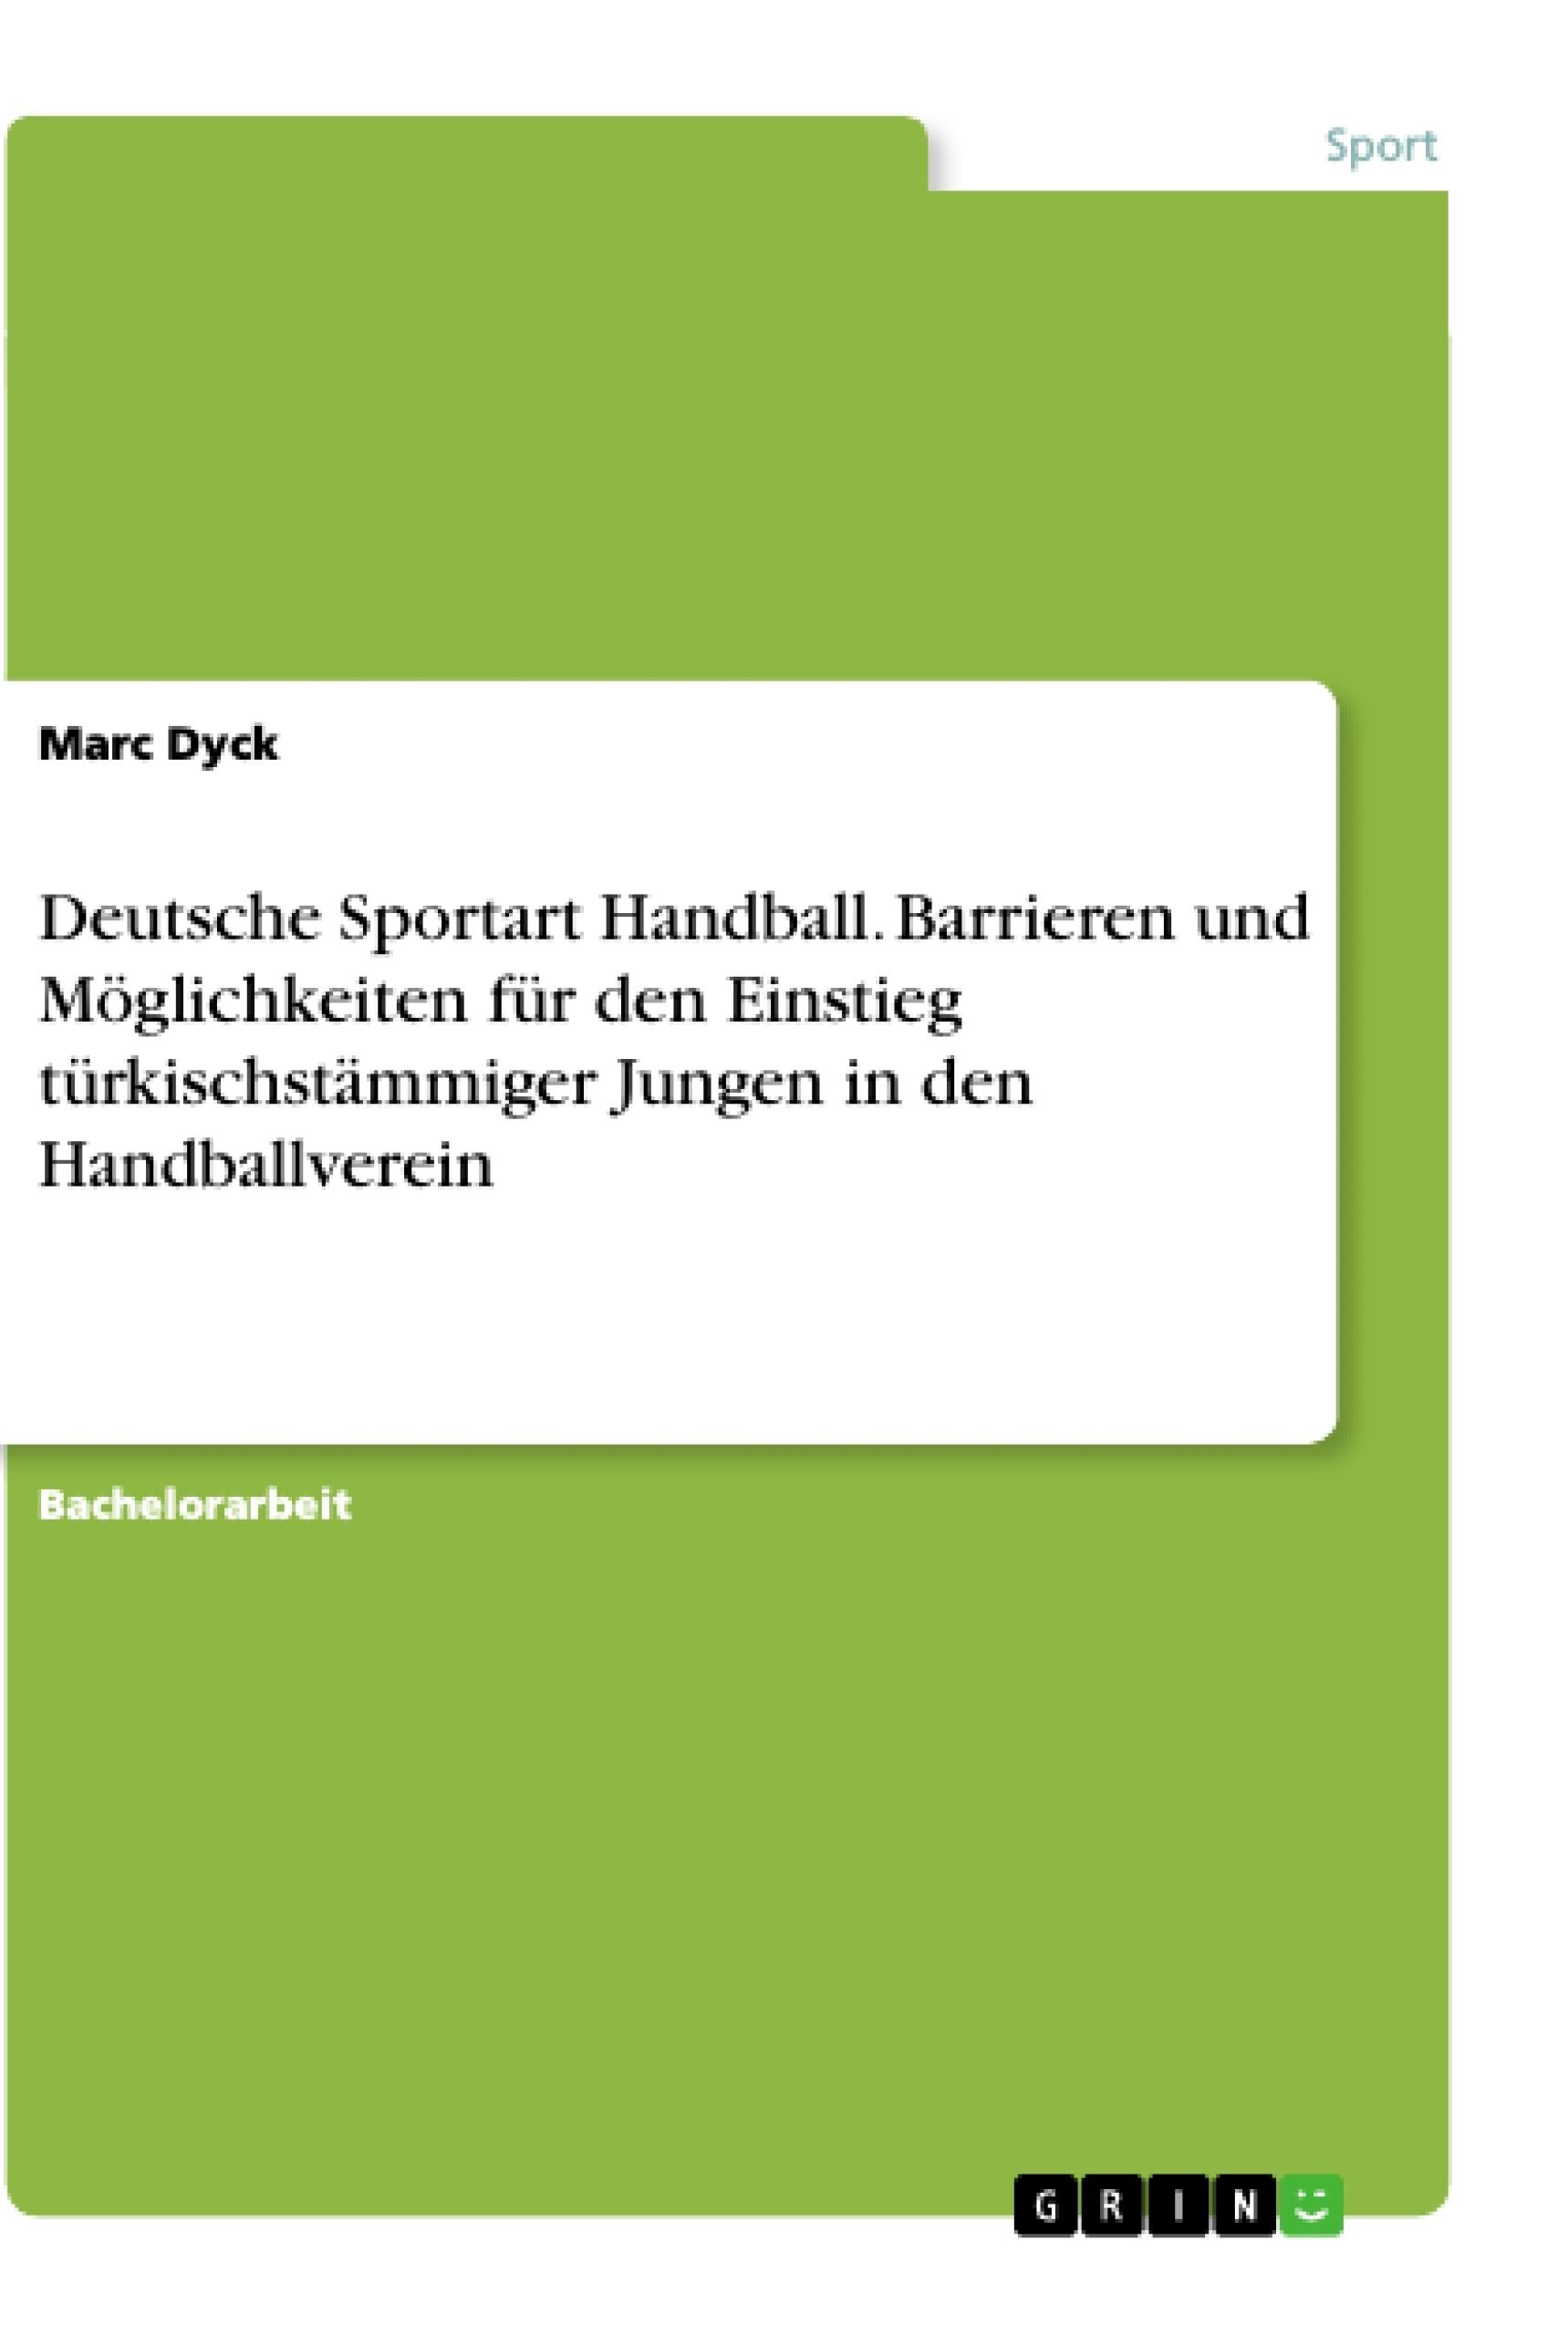 Titel: Deutsche Sportart Handball. Barrieren und Möglichkeiten für den Einstieg türkischstämmiger Jungen in den Handballverein